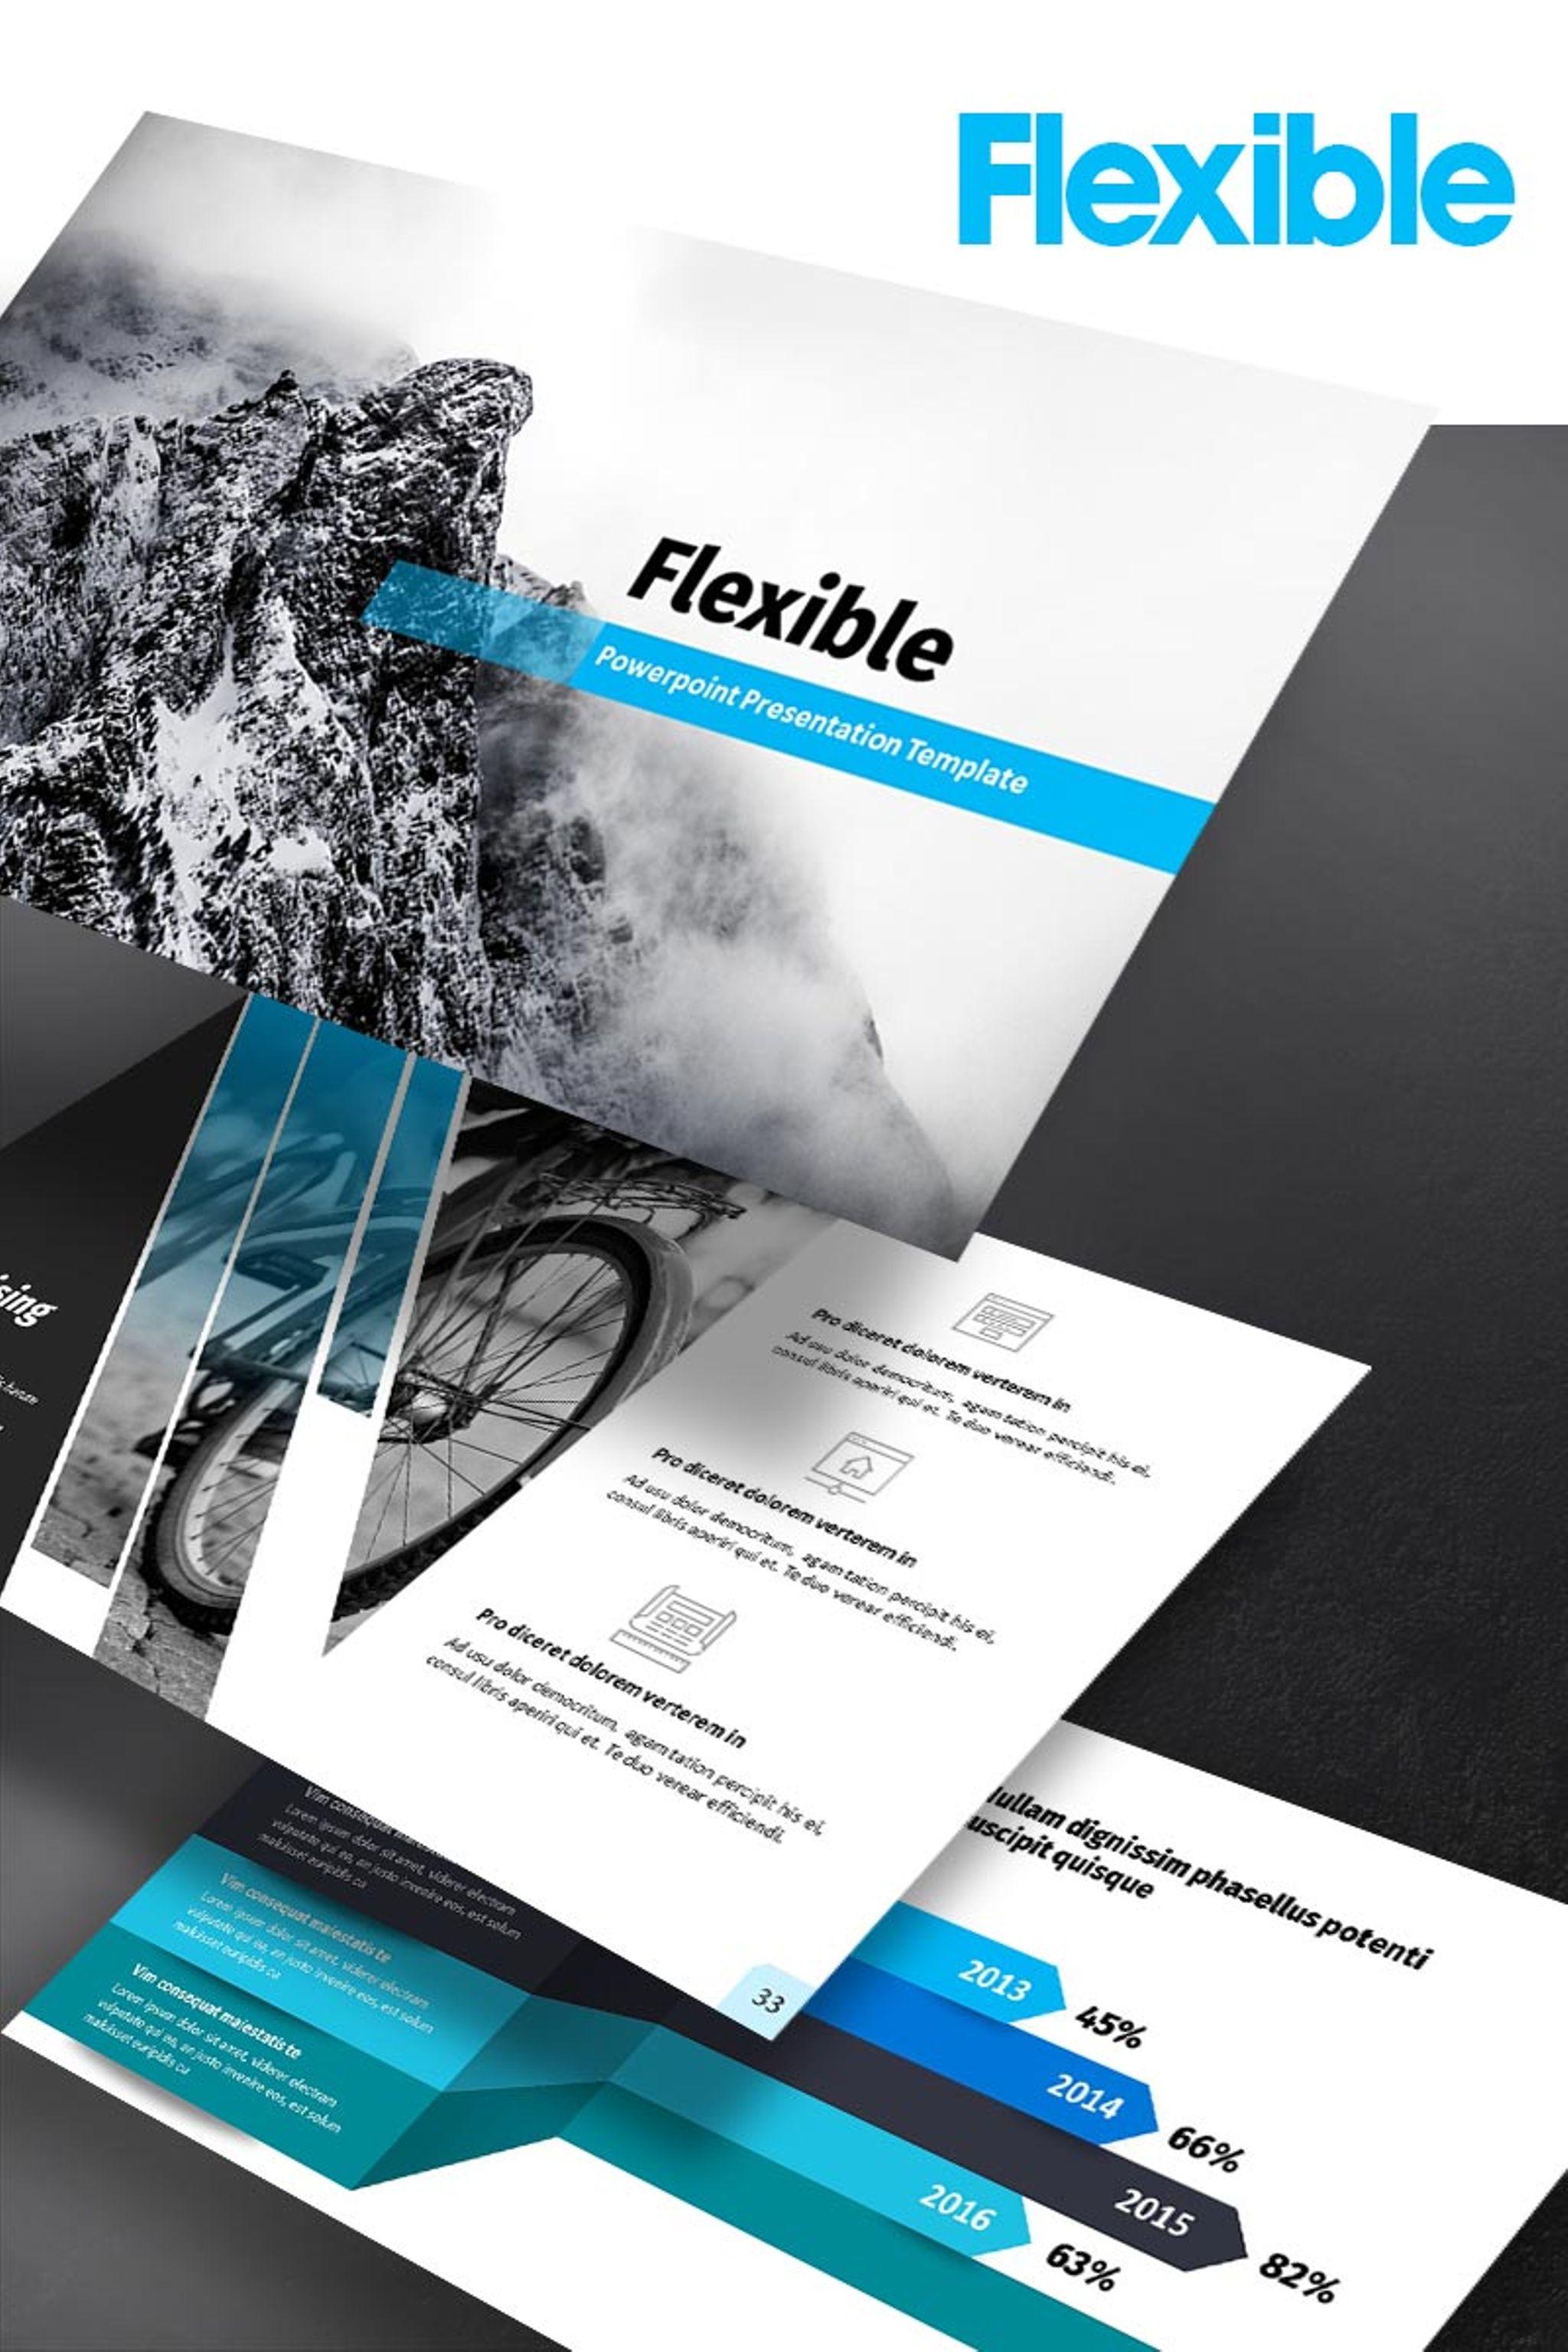 Template powerpoint para sites de medico 65151 flexible template de apresentao em powerpoint toneelgroepblik Gallery